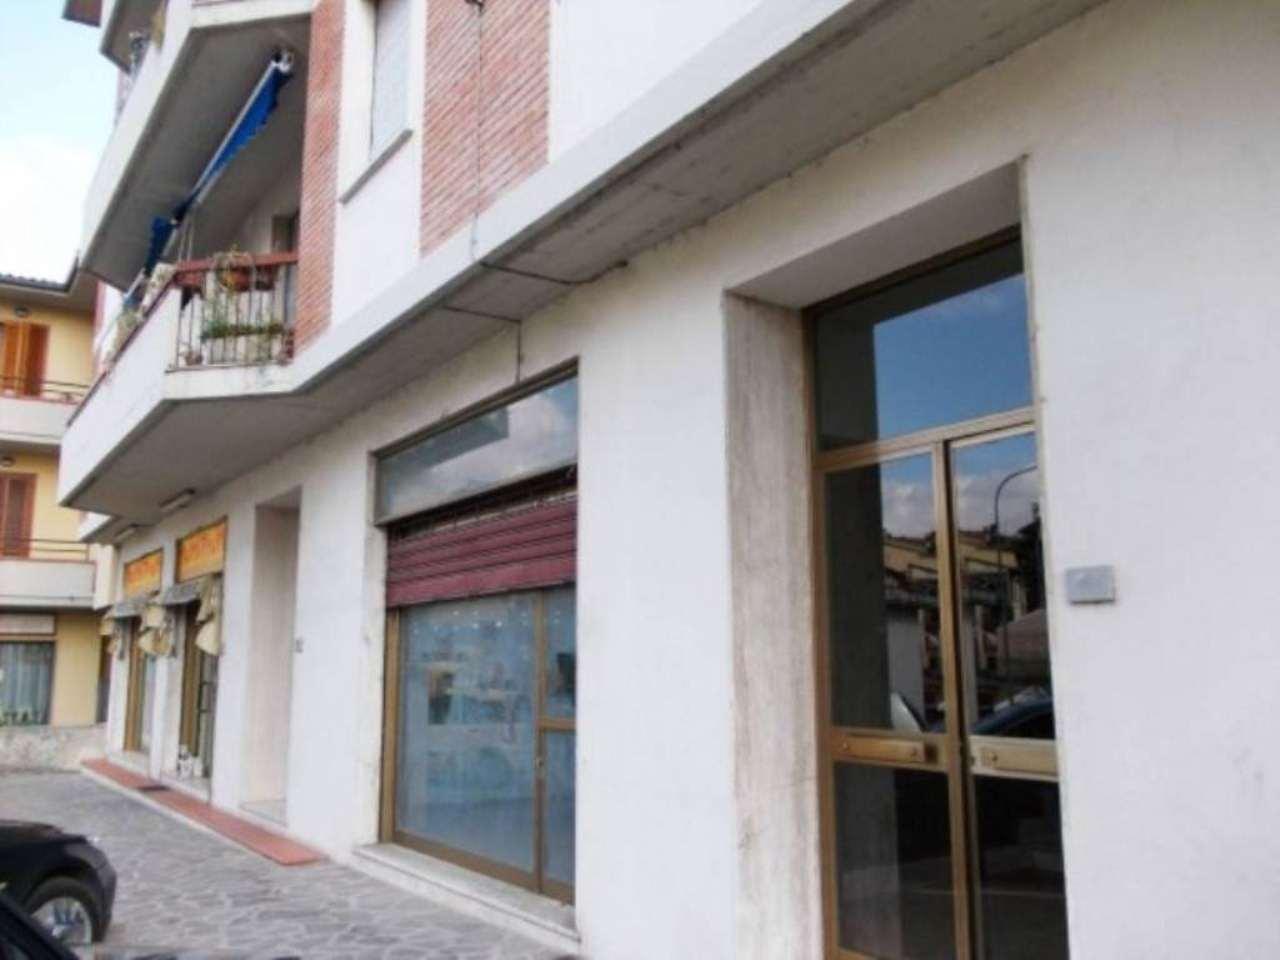 Negozio / Locale in vendita a Pontassieve, 2 locali, prezzo € 78.000 | Cambio Casa.it